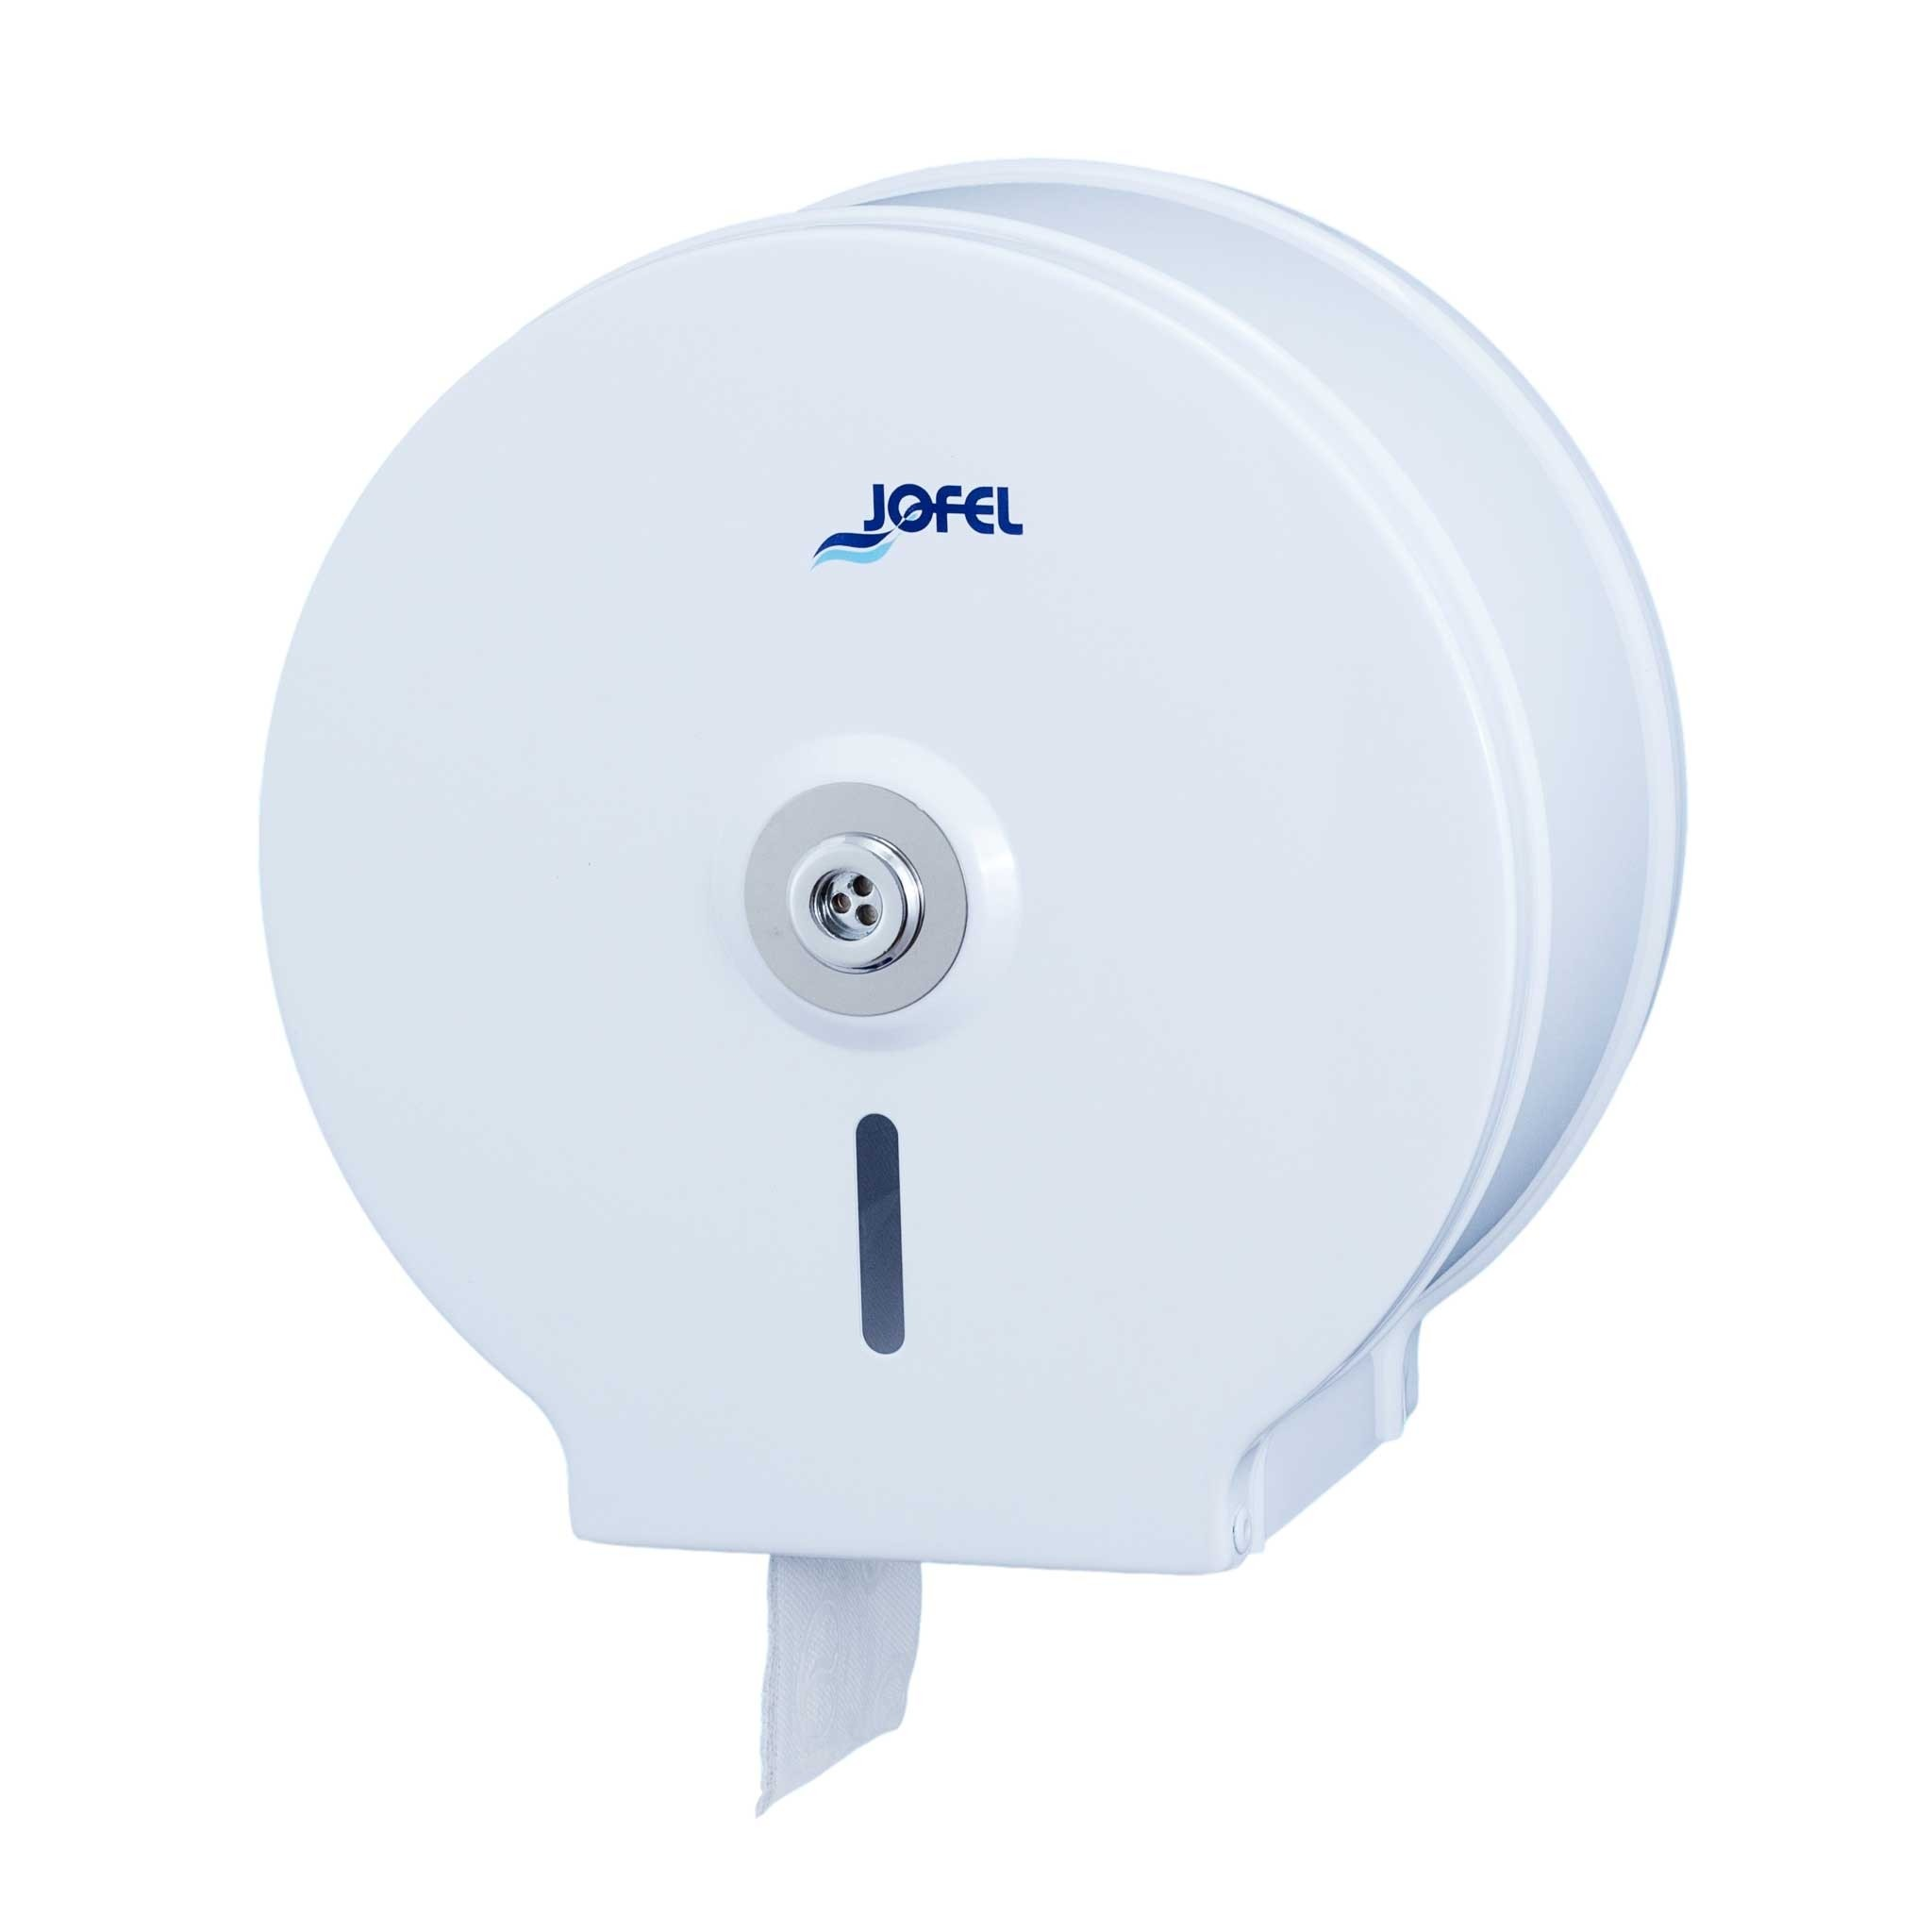 Μεταλλική θήκη χαρτιού υγείας Jofel Clasica white AE12400